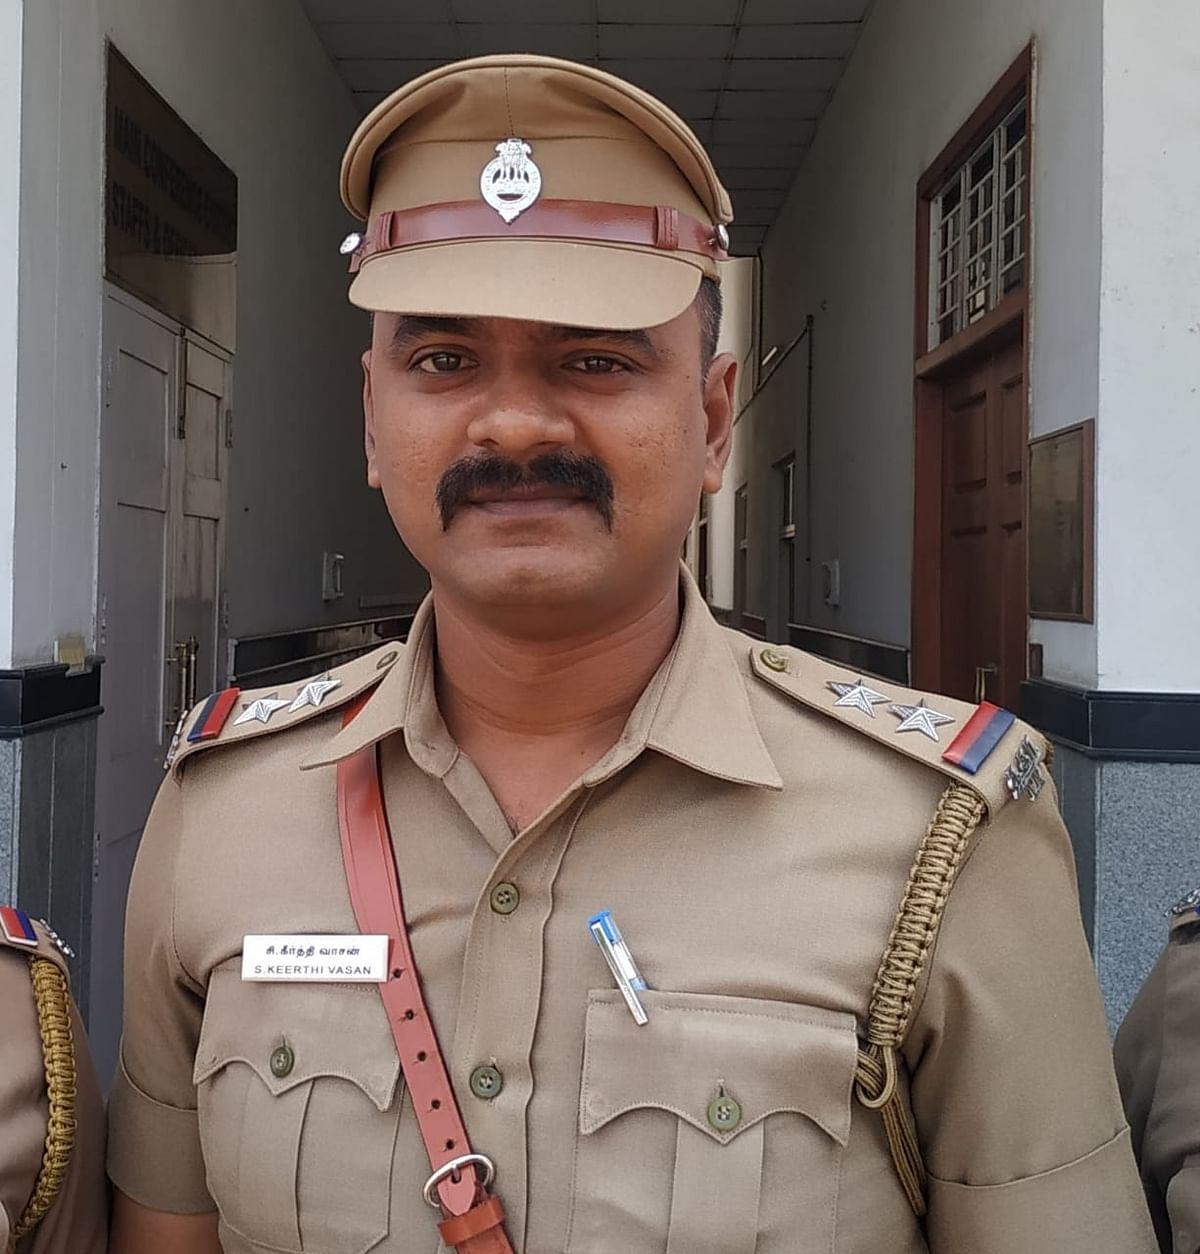 போலீஸ் எஸ்.ஐ கீர்த்திவாசன்